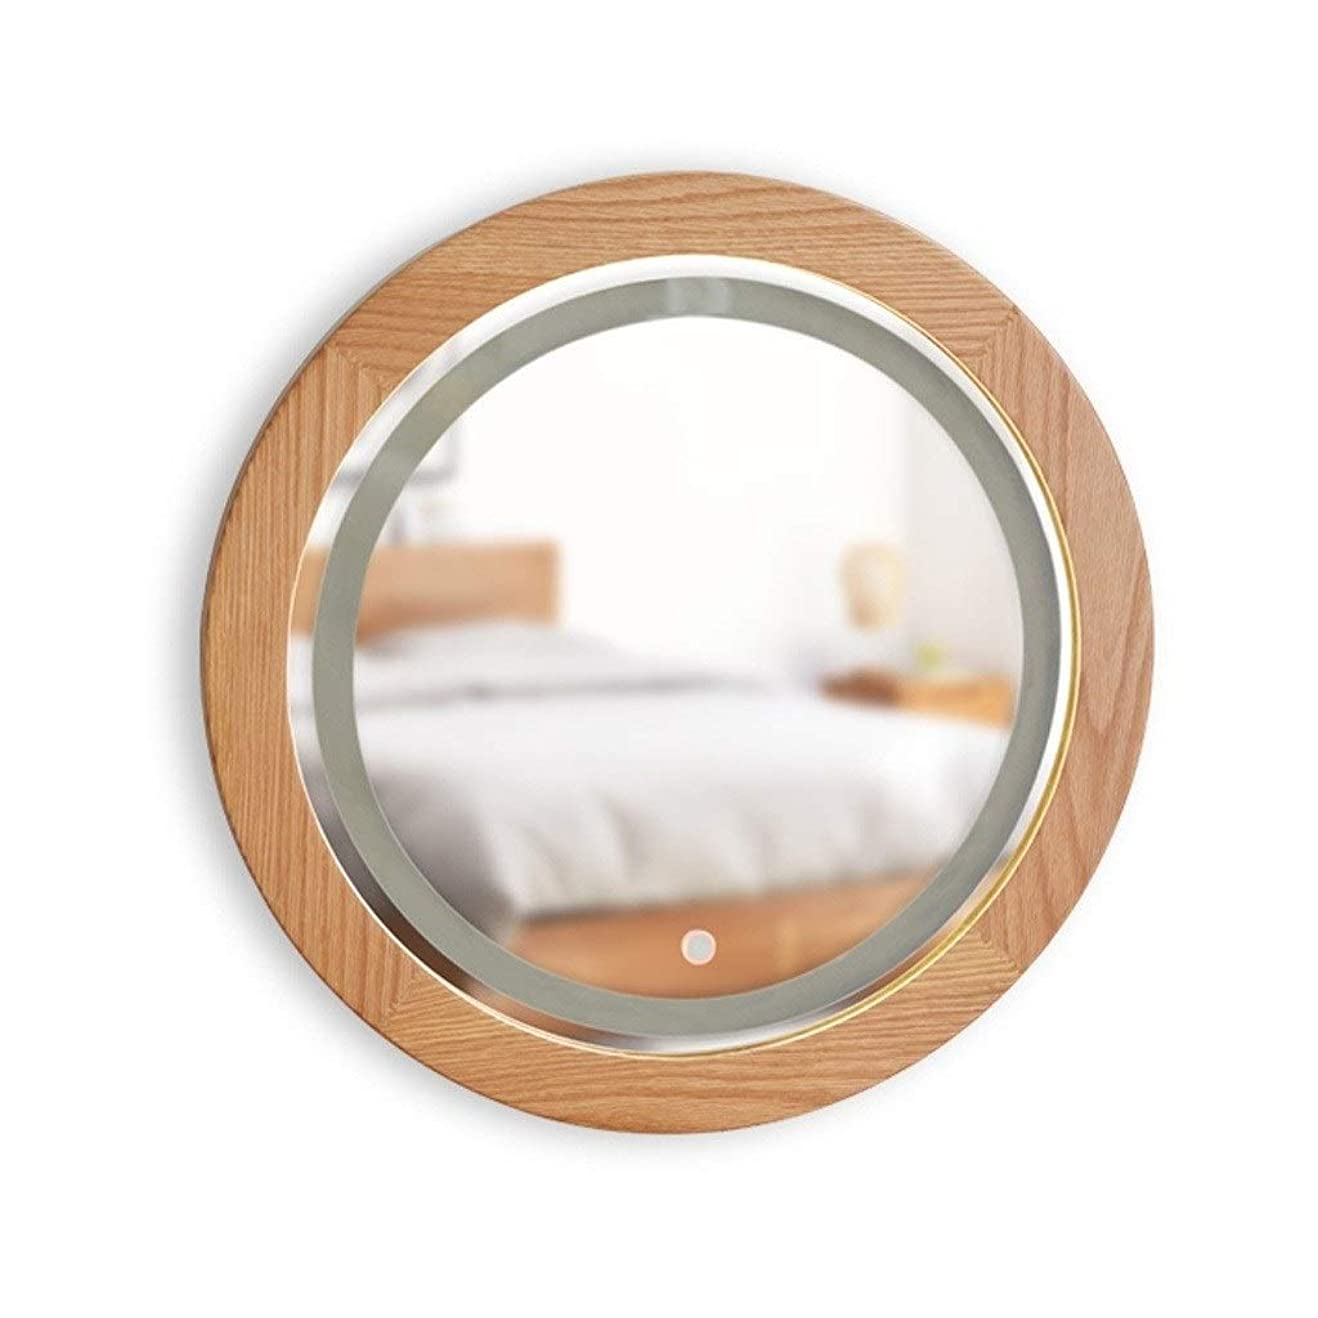 意識テント荷物化粧鏡 メイクアップミラーウォールライトと一緒に家にミラーベッドルームバニティミラーハンギング